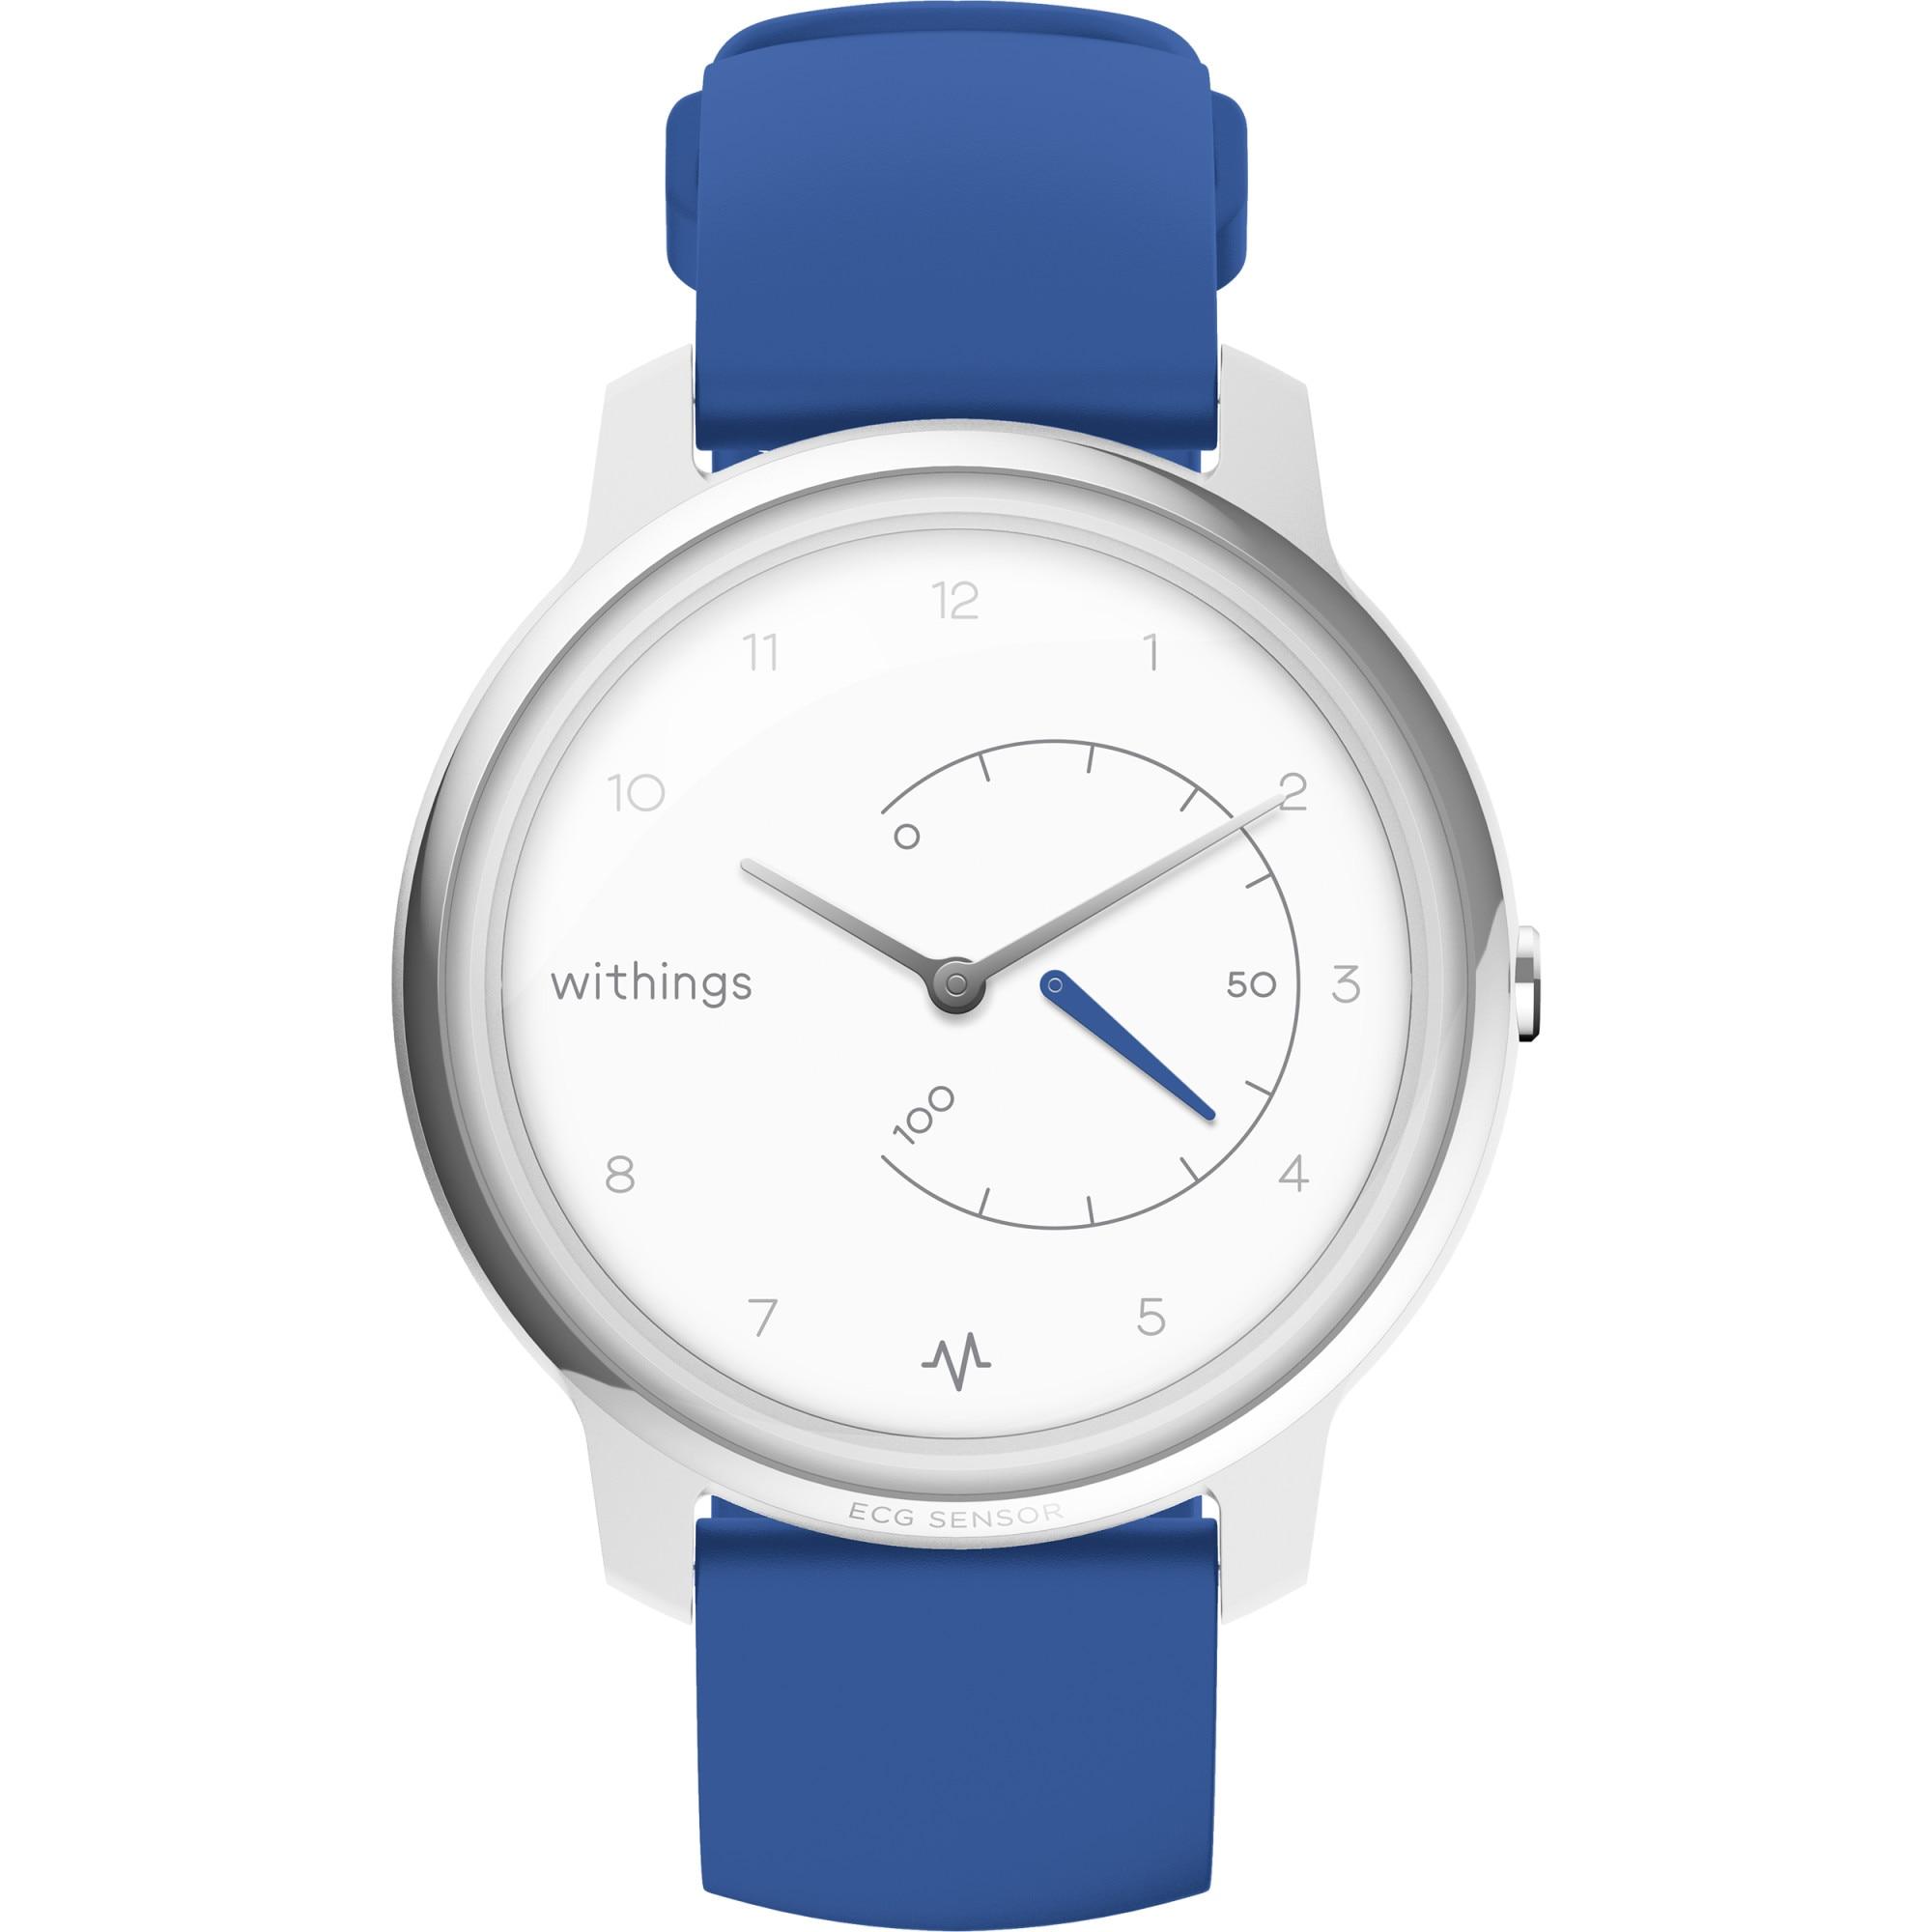 Fotografie Ceas smartwatch Withings Move ECG, Argintiu/Albastru